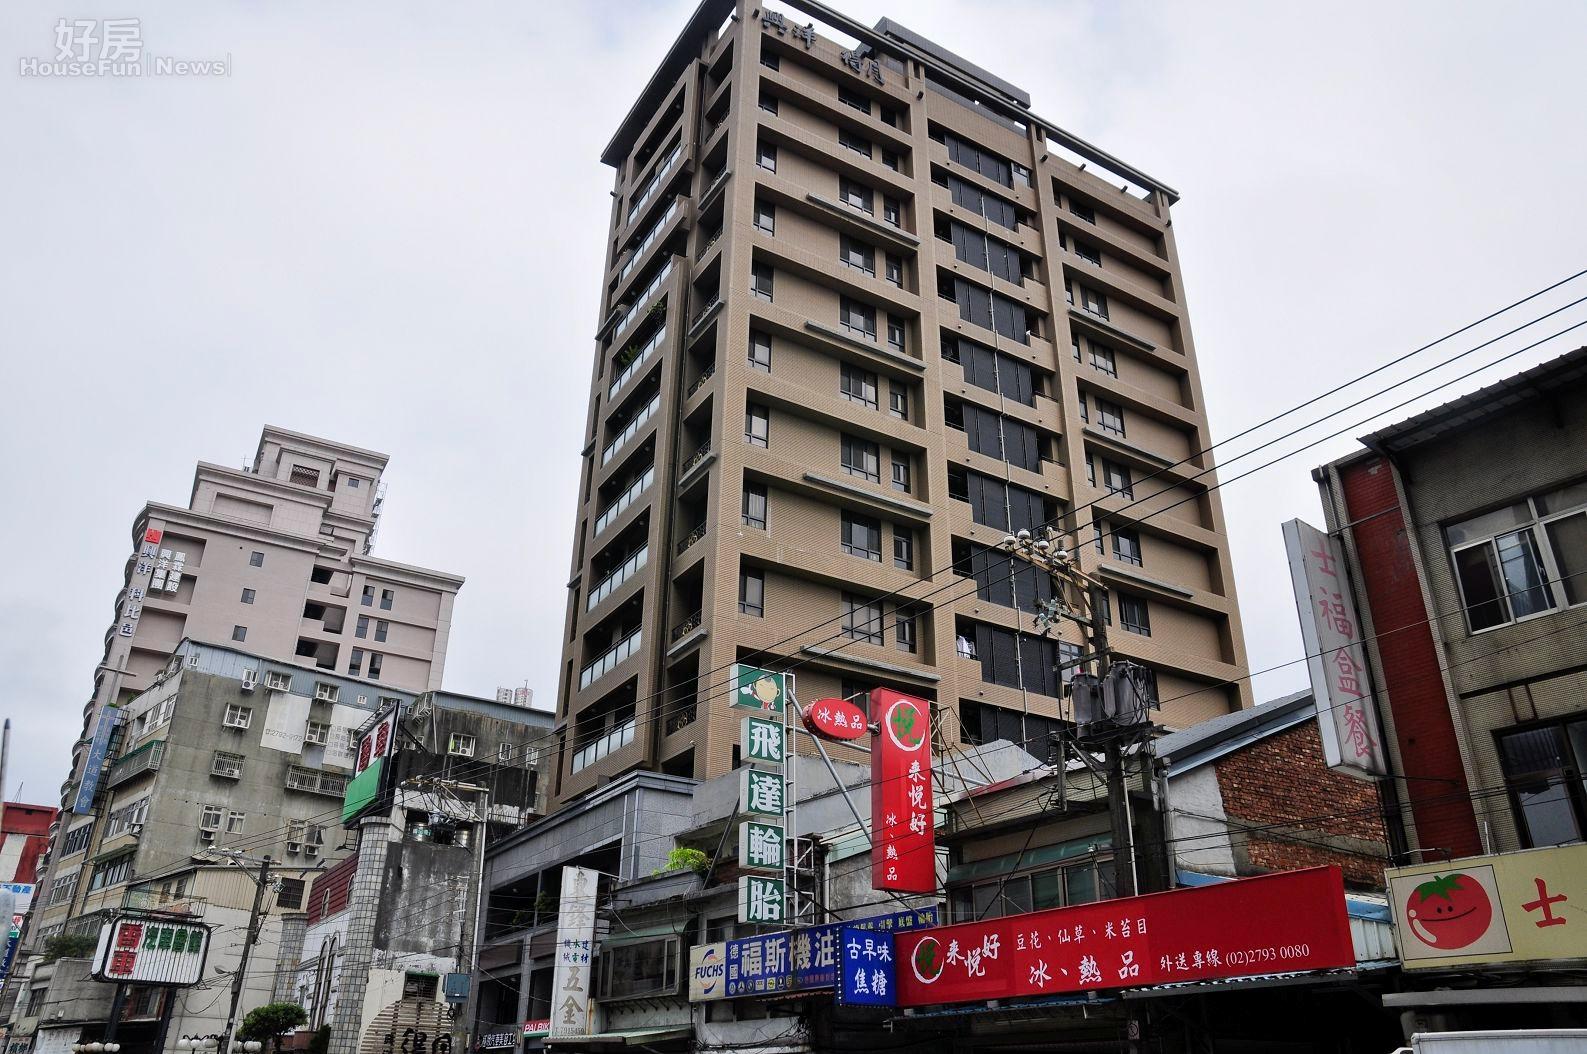 位於內湖區新明路的工業住宅,明顯比其他建物高了許多。(好房News記者 陳韋帆/攝影)